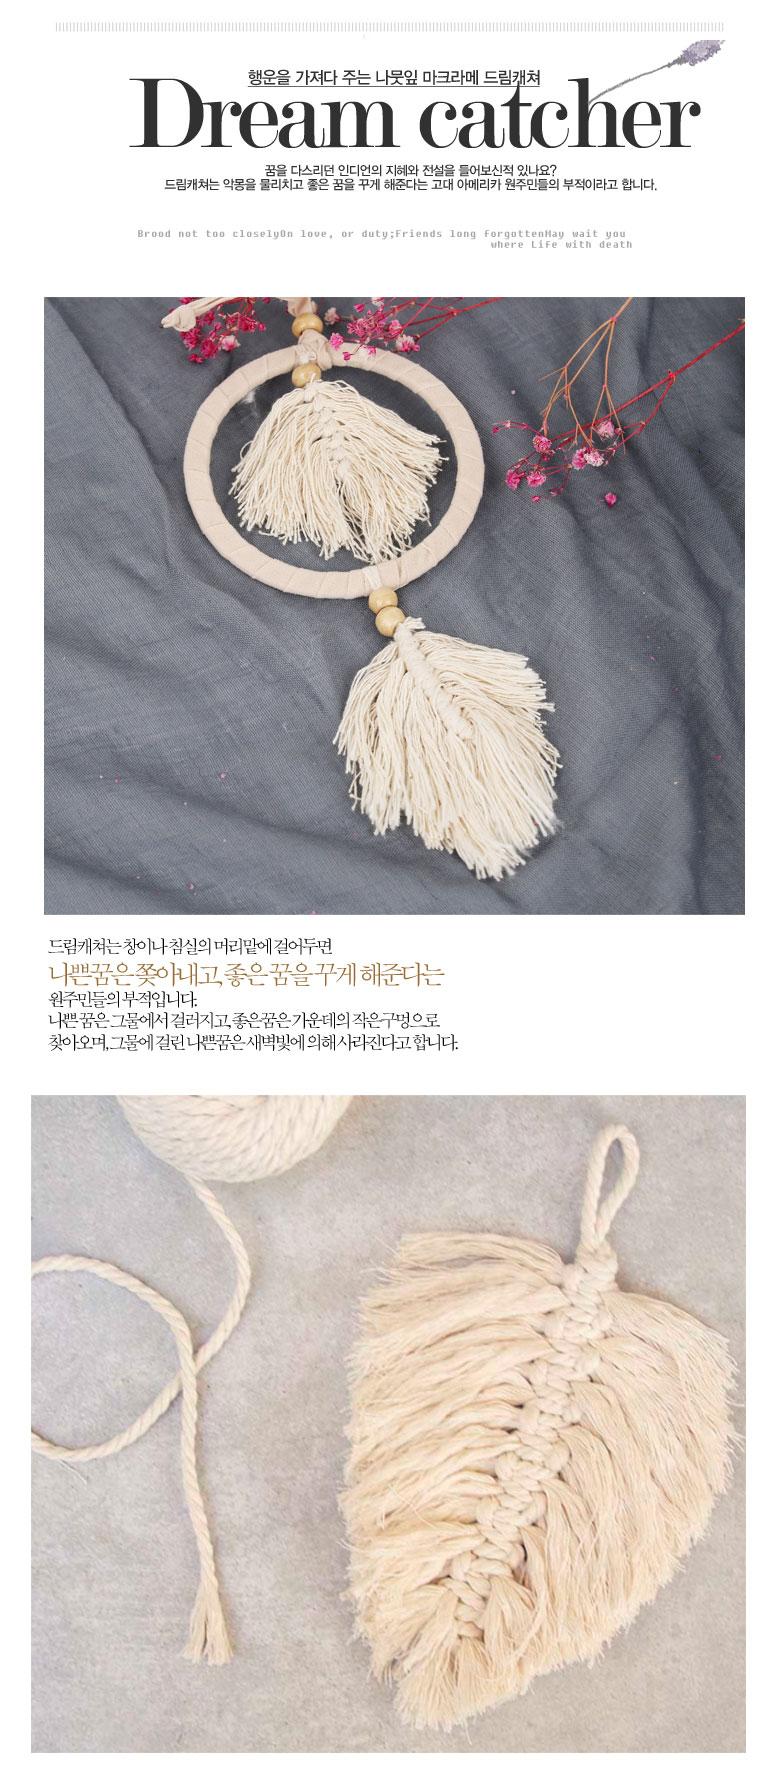 나뭇잎 마크라메 드림캐쳐 - 그로브, 5,900원, 장식소품, 모빌/천장데코